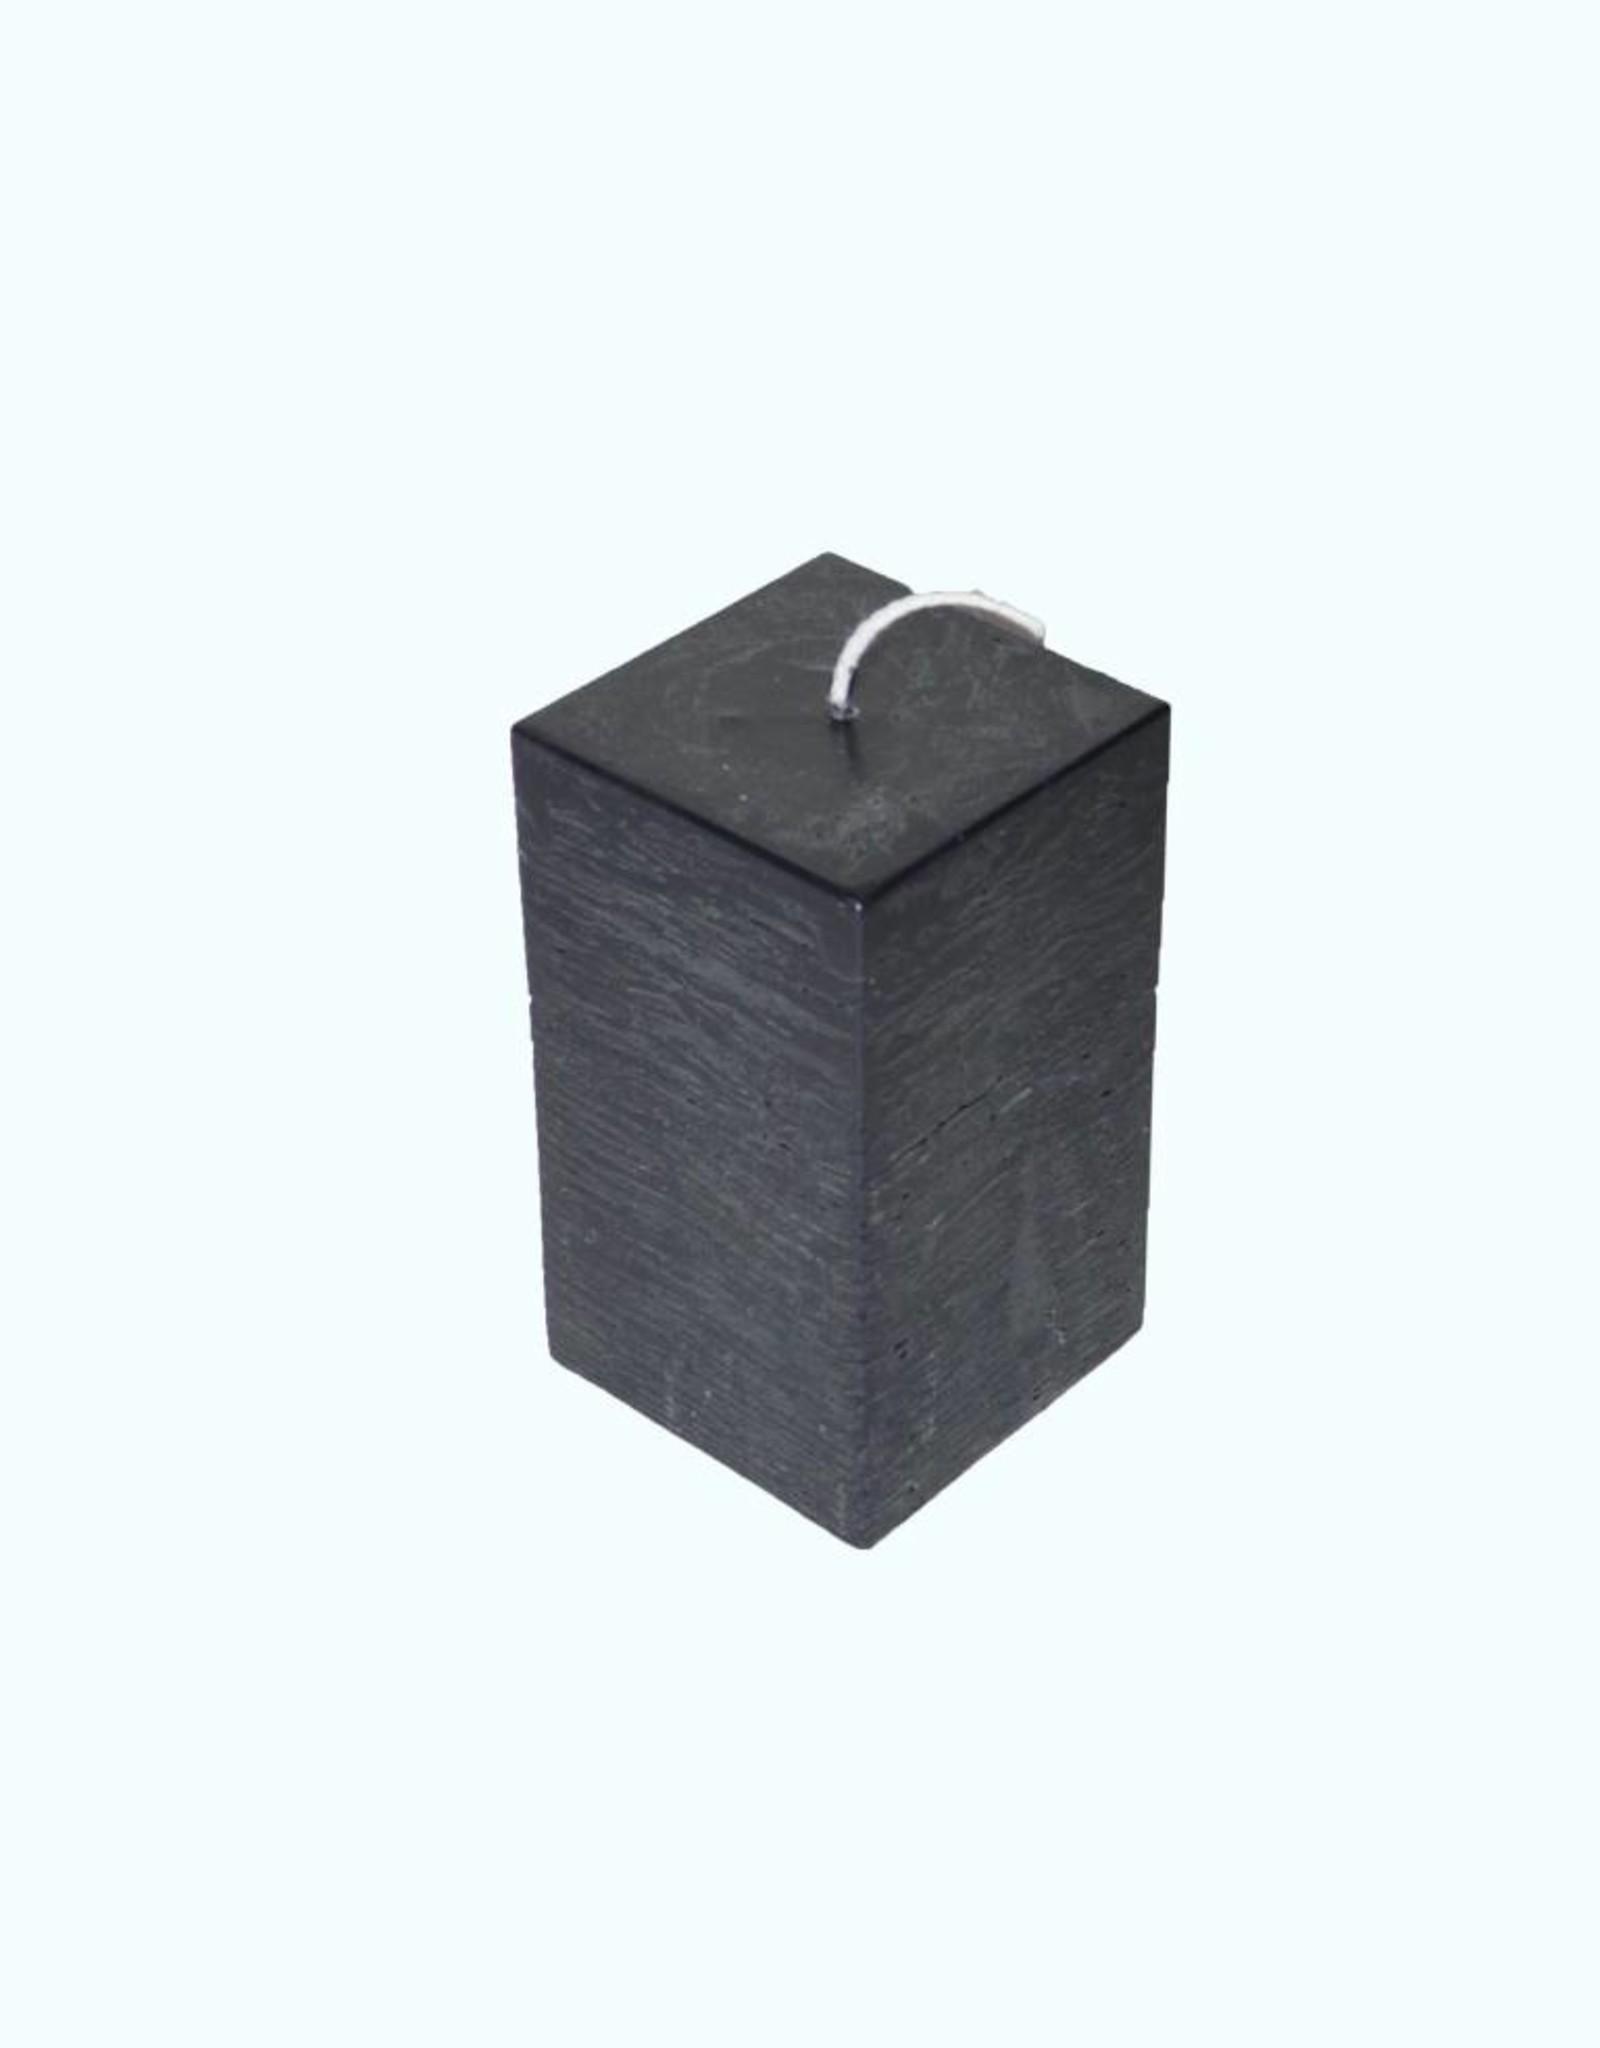 Zwarte vierkante kaars met rustique uitstraling